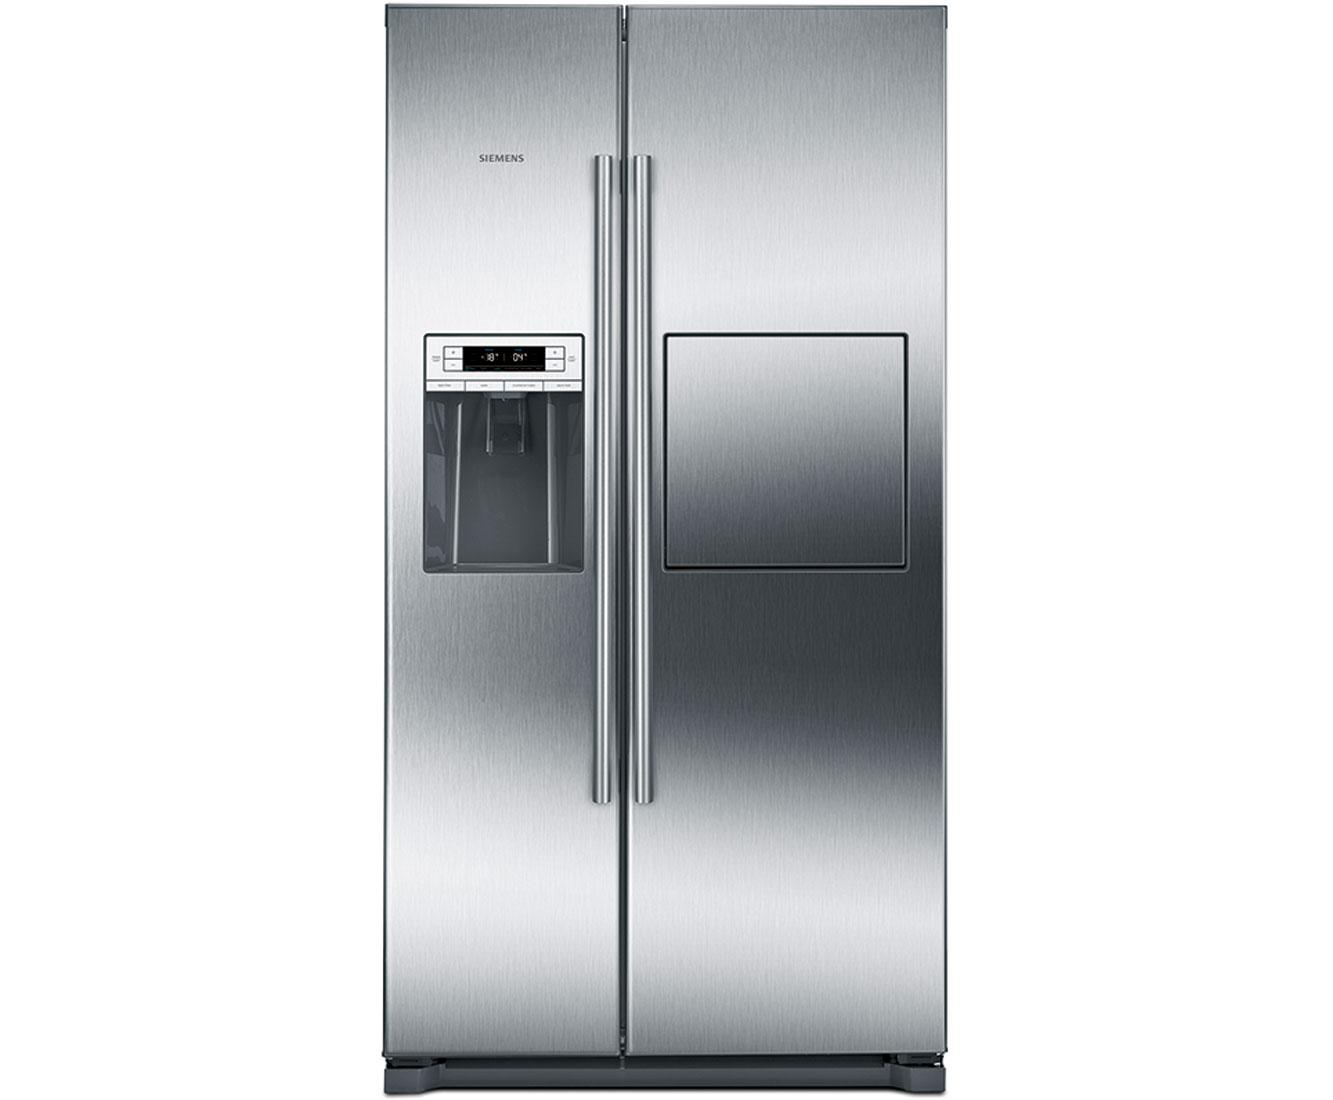 Side By Side Kühlschrank Platzbedarf : Kühlschrank no frost a preisvergleich u die besten angebote online